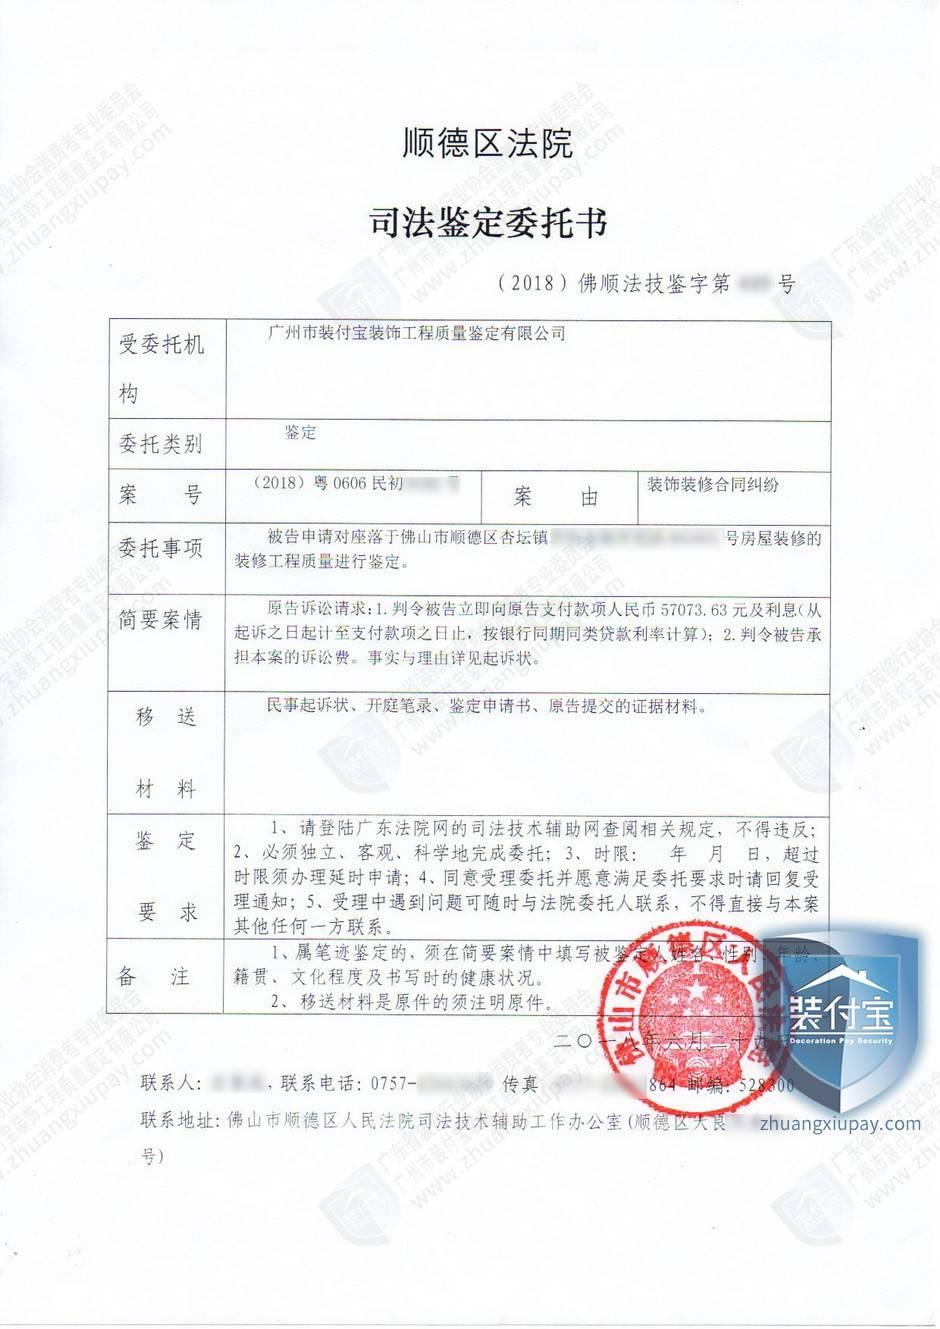 装修质量第三方鉴定,鉴定委托书,装修质量鉴定书,装修质量报告